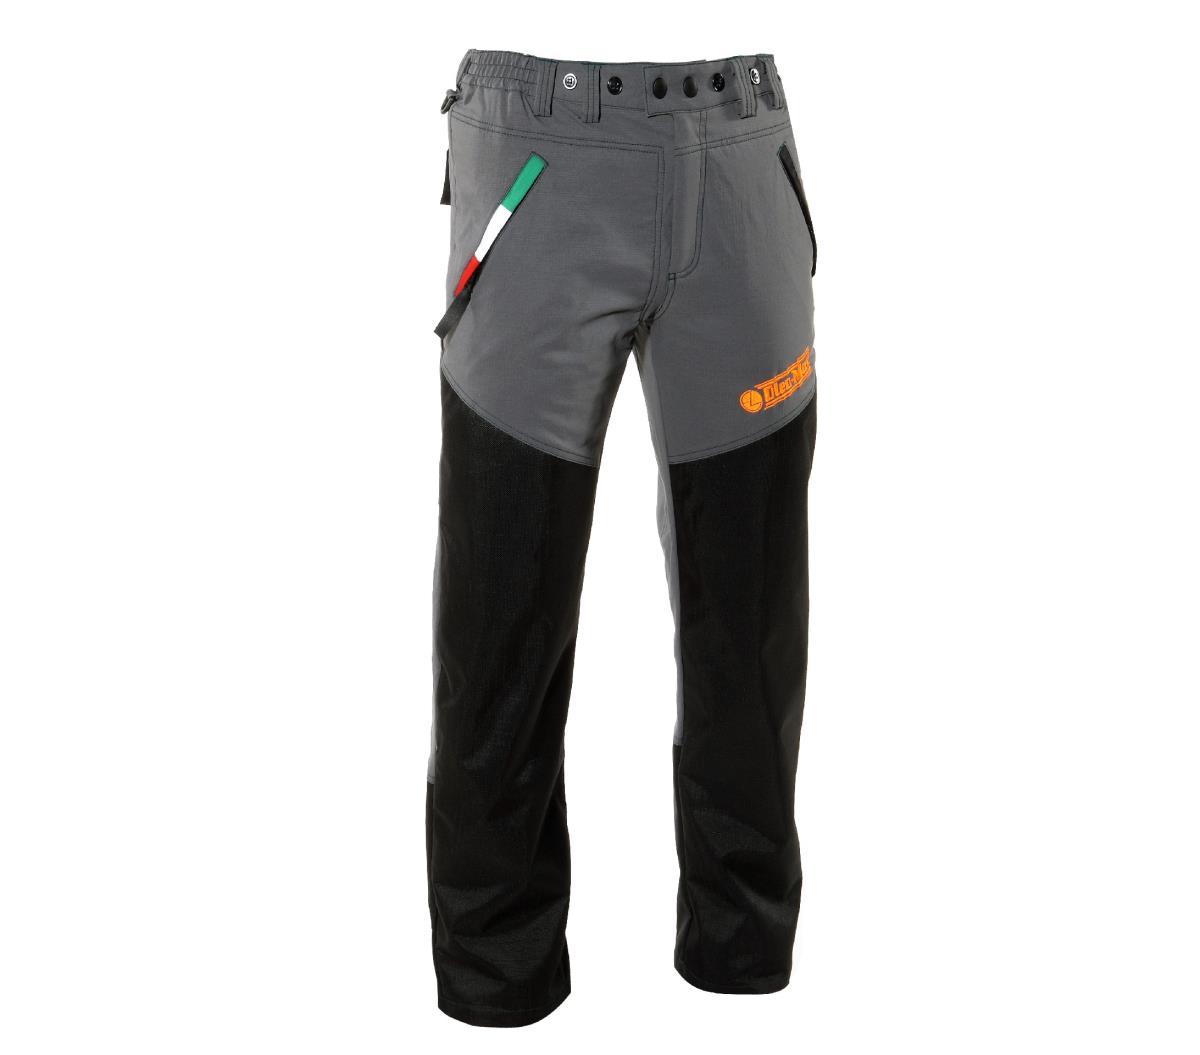 CLASSE 1 MOTOSEGA Pantaloni di sicurezza ideale per tutti gli utenti